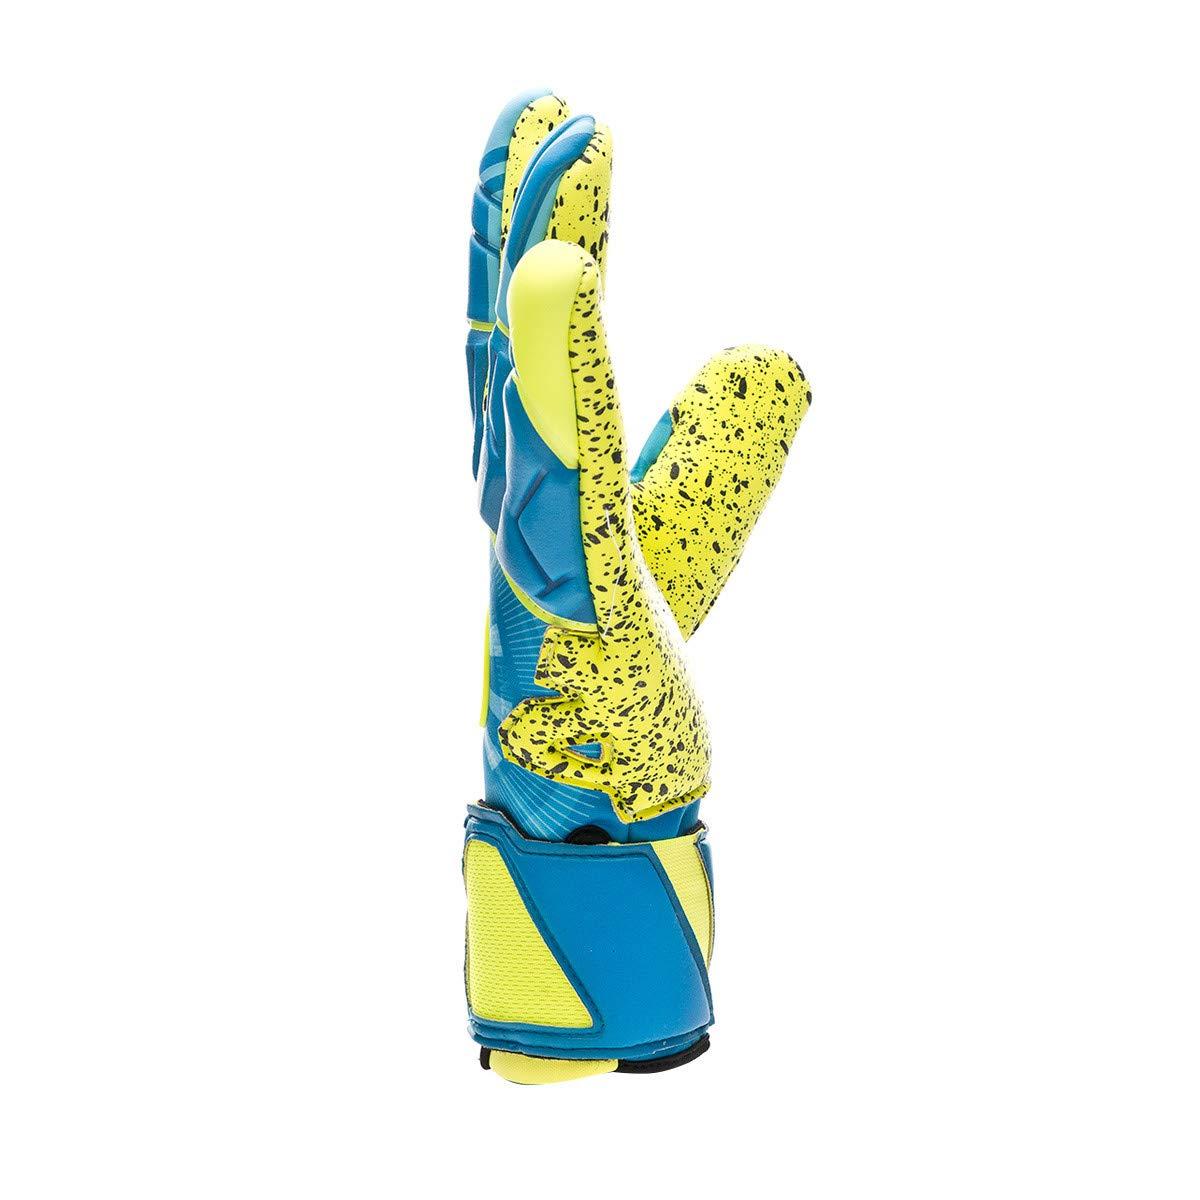 uhlsport Radar Control SUPERGRIP Finger Surround Goalkeeper Gloves Size